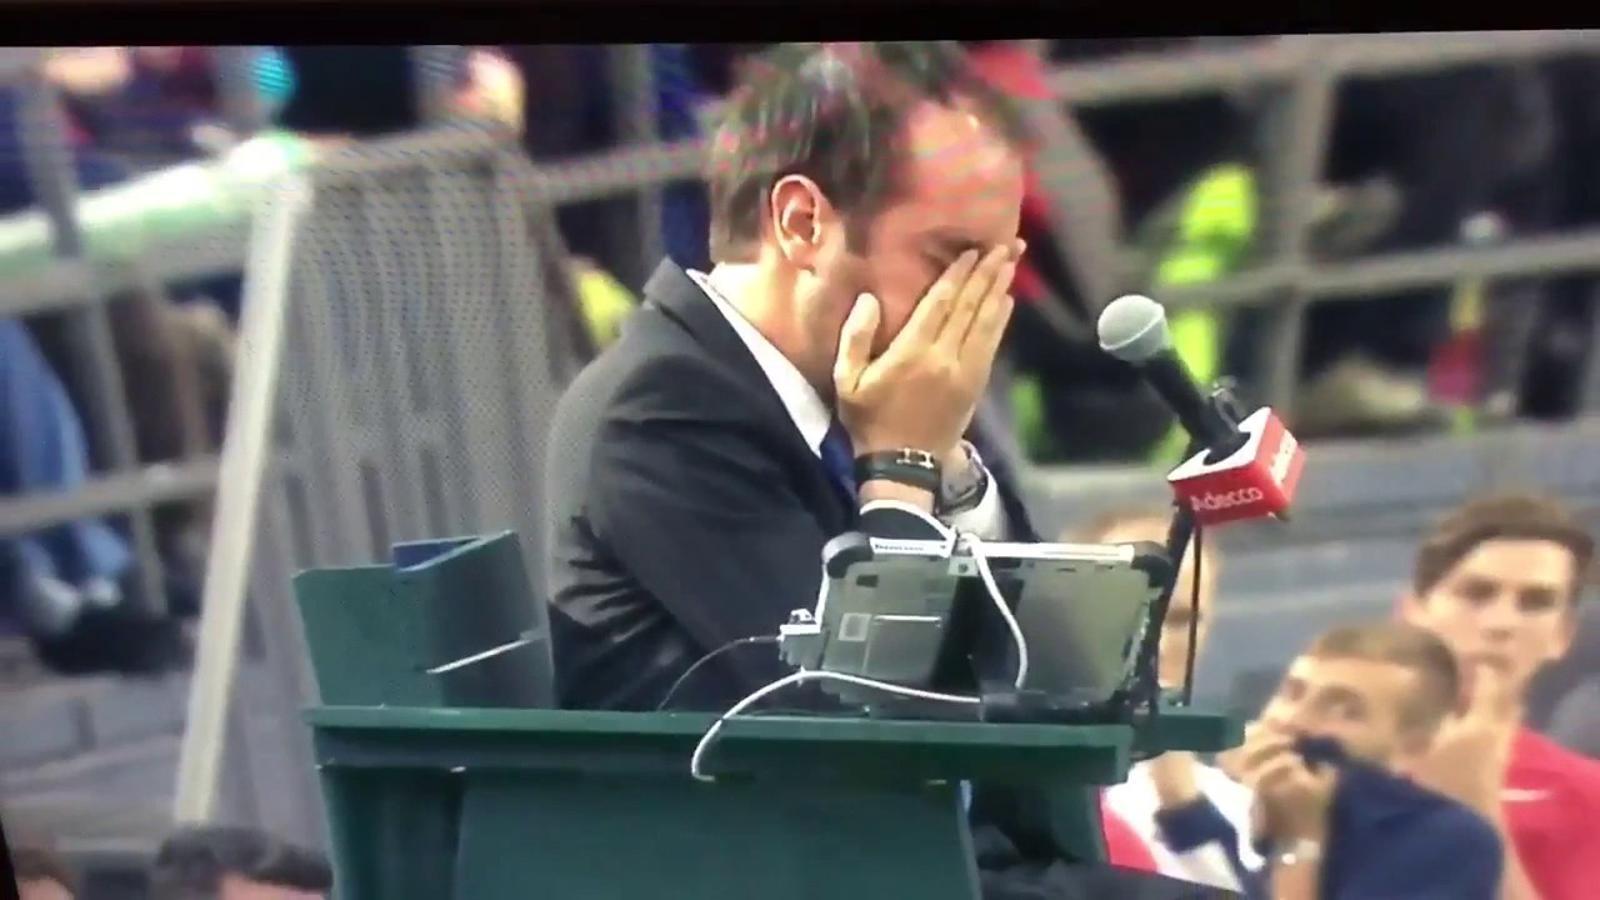 El Canadà, eliminat de la Copa Davis després que un jugador donés un fort cop de pilota a l'àrbitre